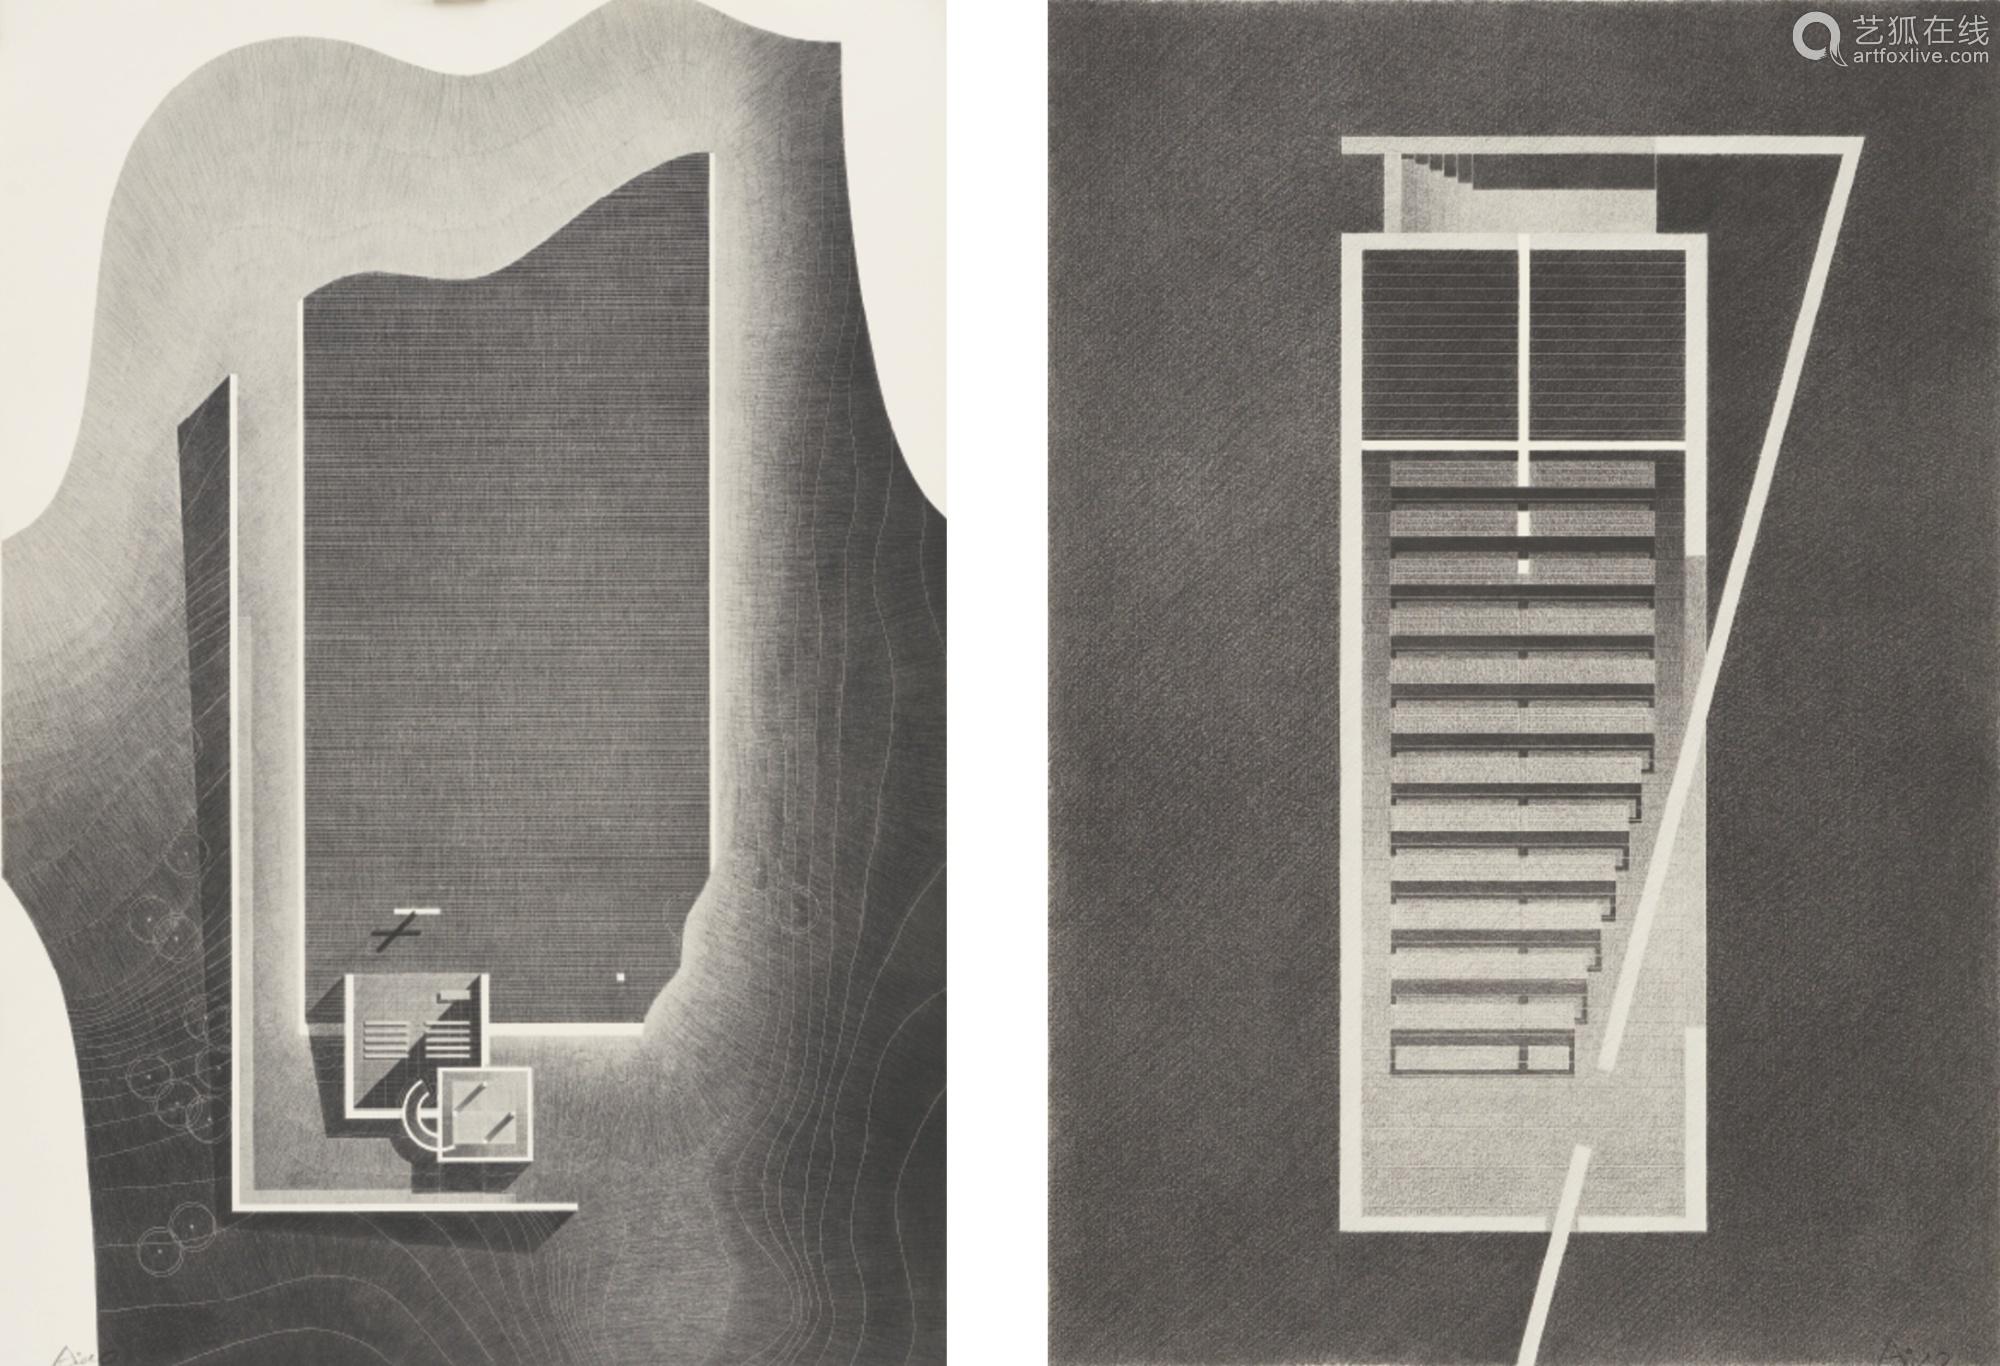 安藤忠雄 二〇一四年作 光之教会 水之教会  (一组两张) 综合媒材绘于版画上 镜框